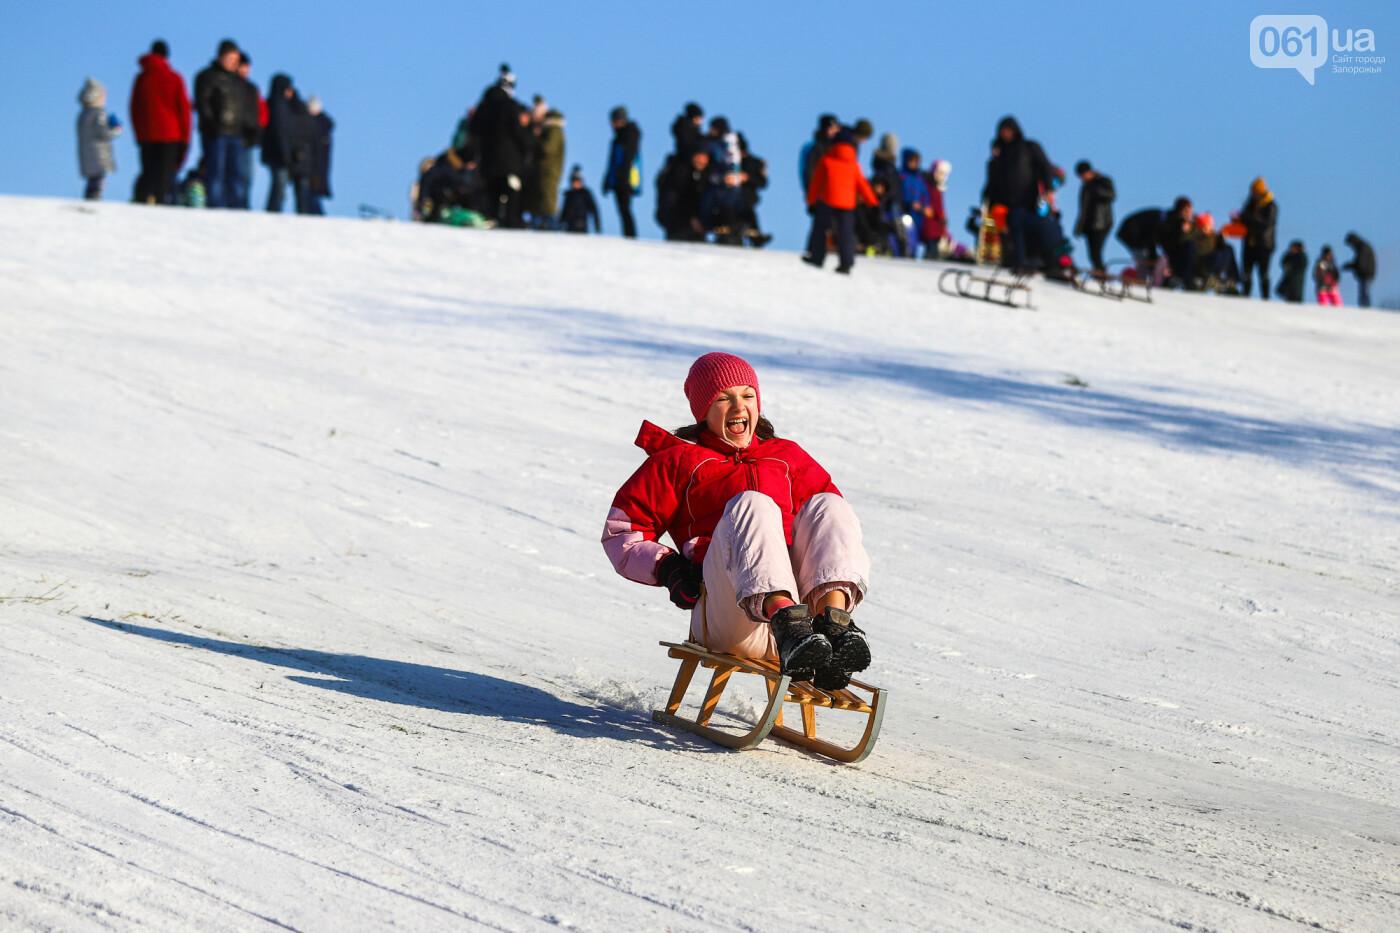 На санках, лыжах и сноуборде: запорожцы устроили массовое катание с горок в Вознесеновском парке, - ФОТОРЕПОРТАЖ, фото-87